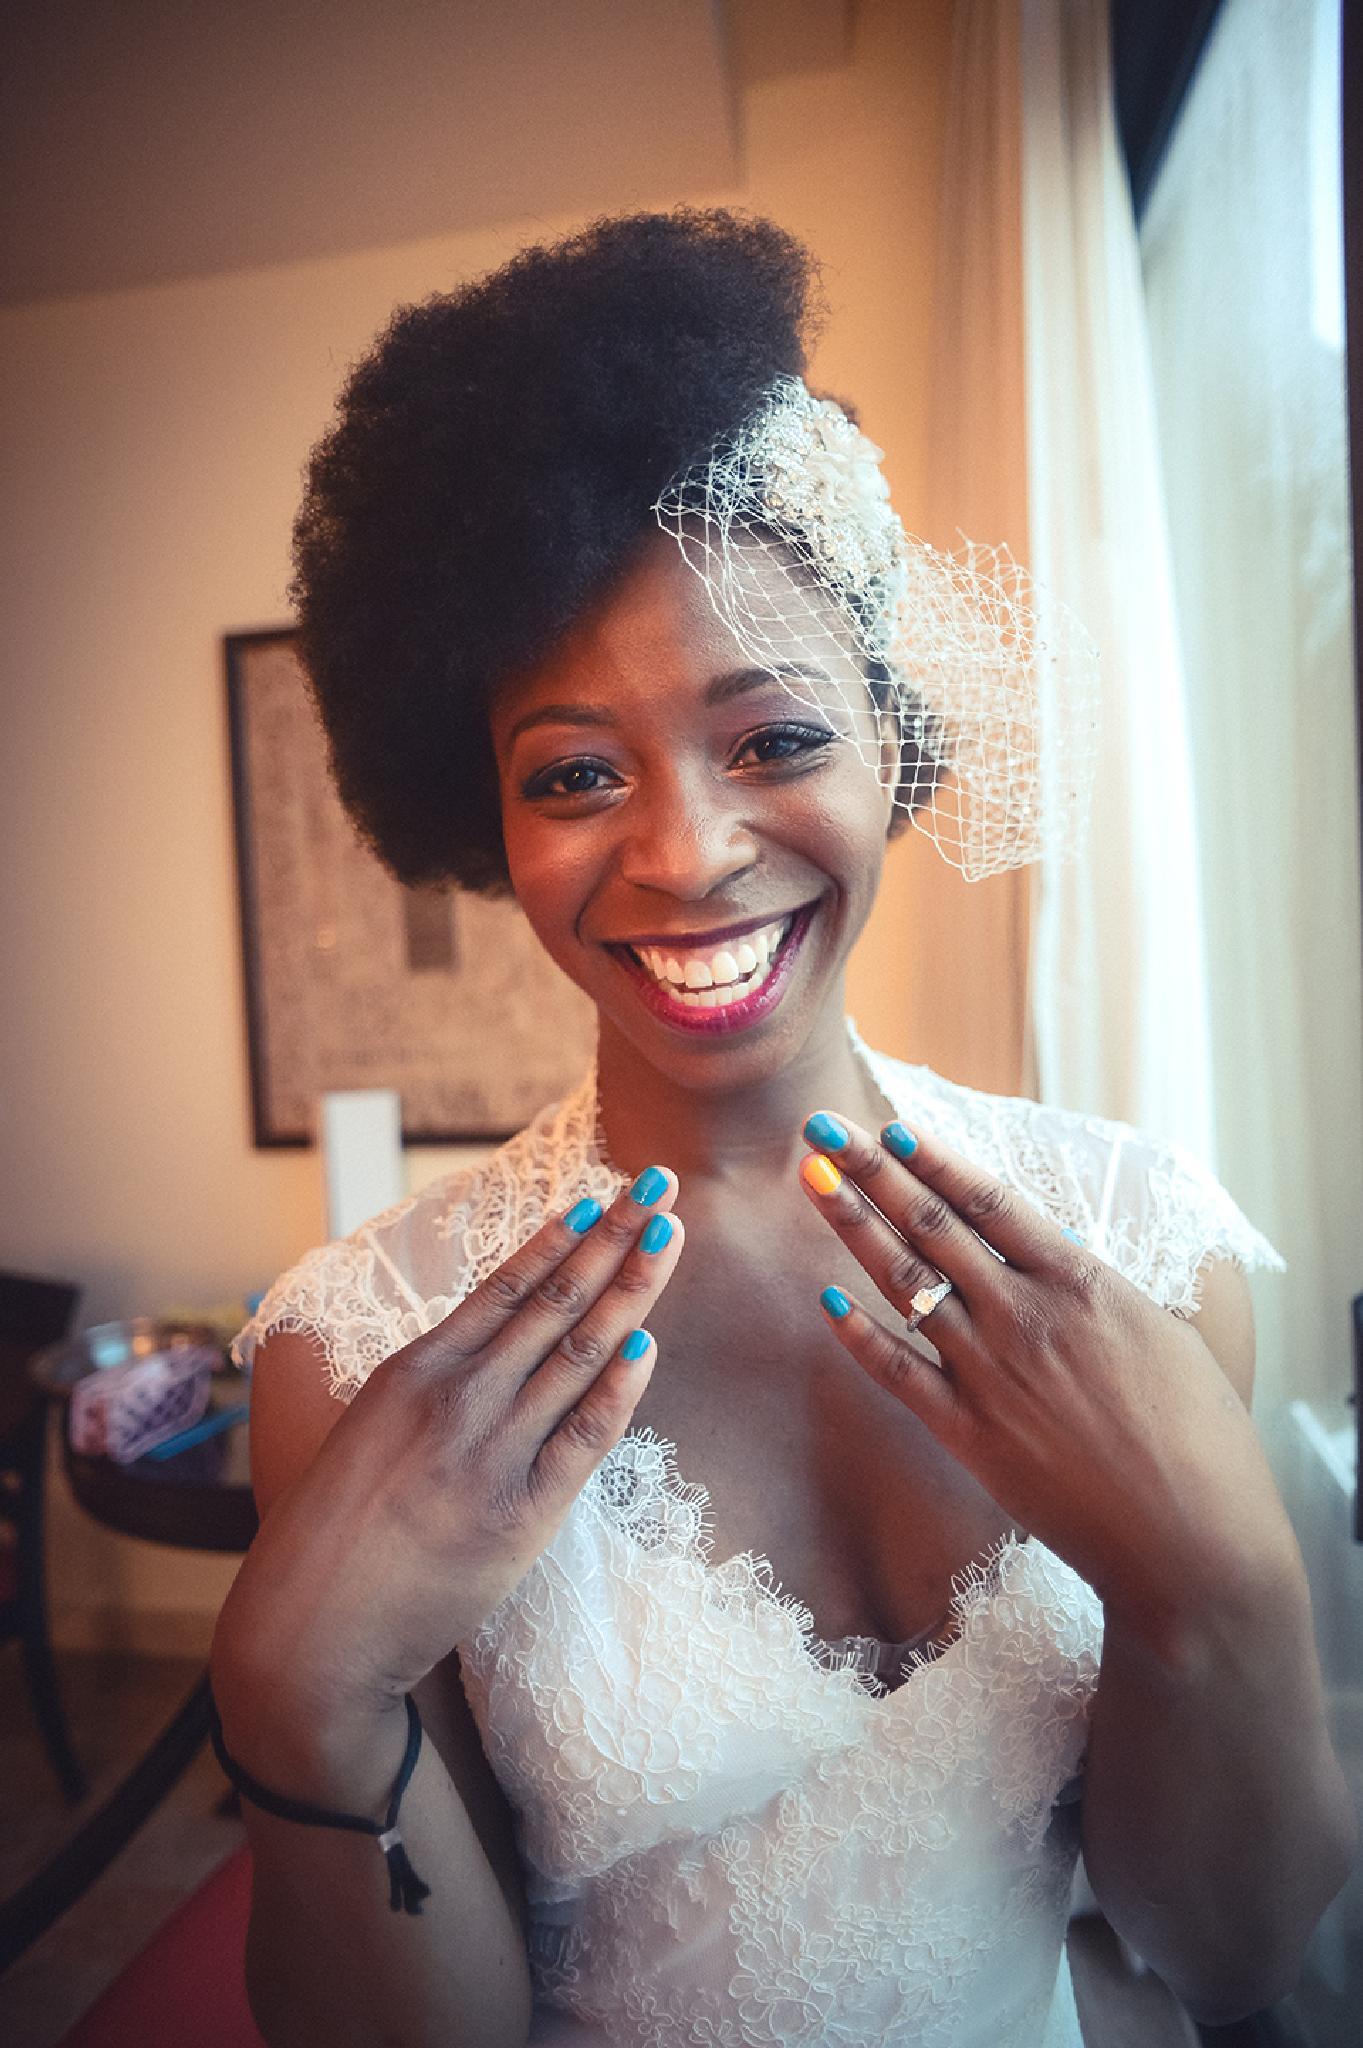 Lauren's Nails by joserovaphoto